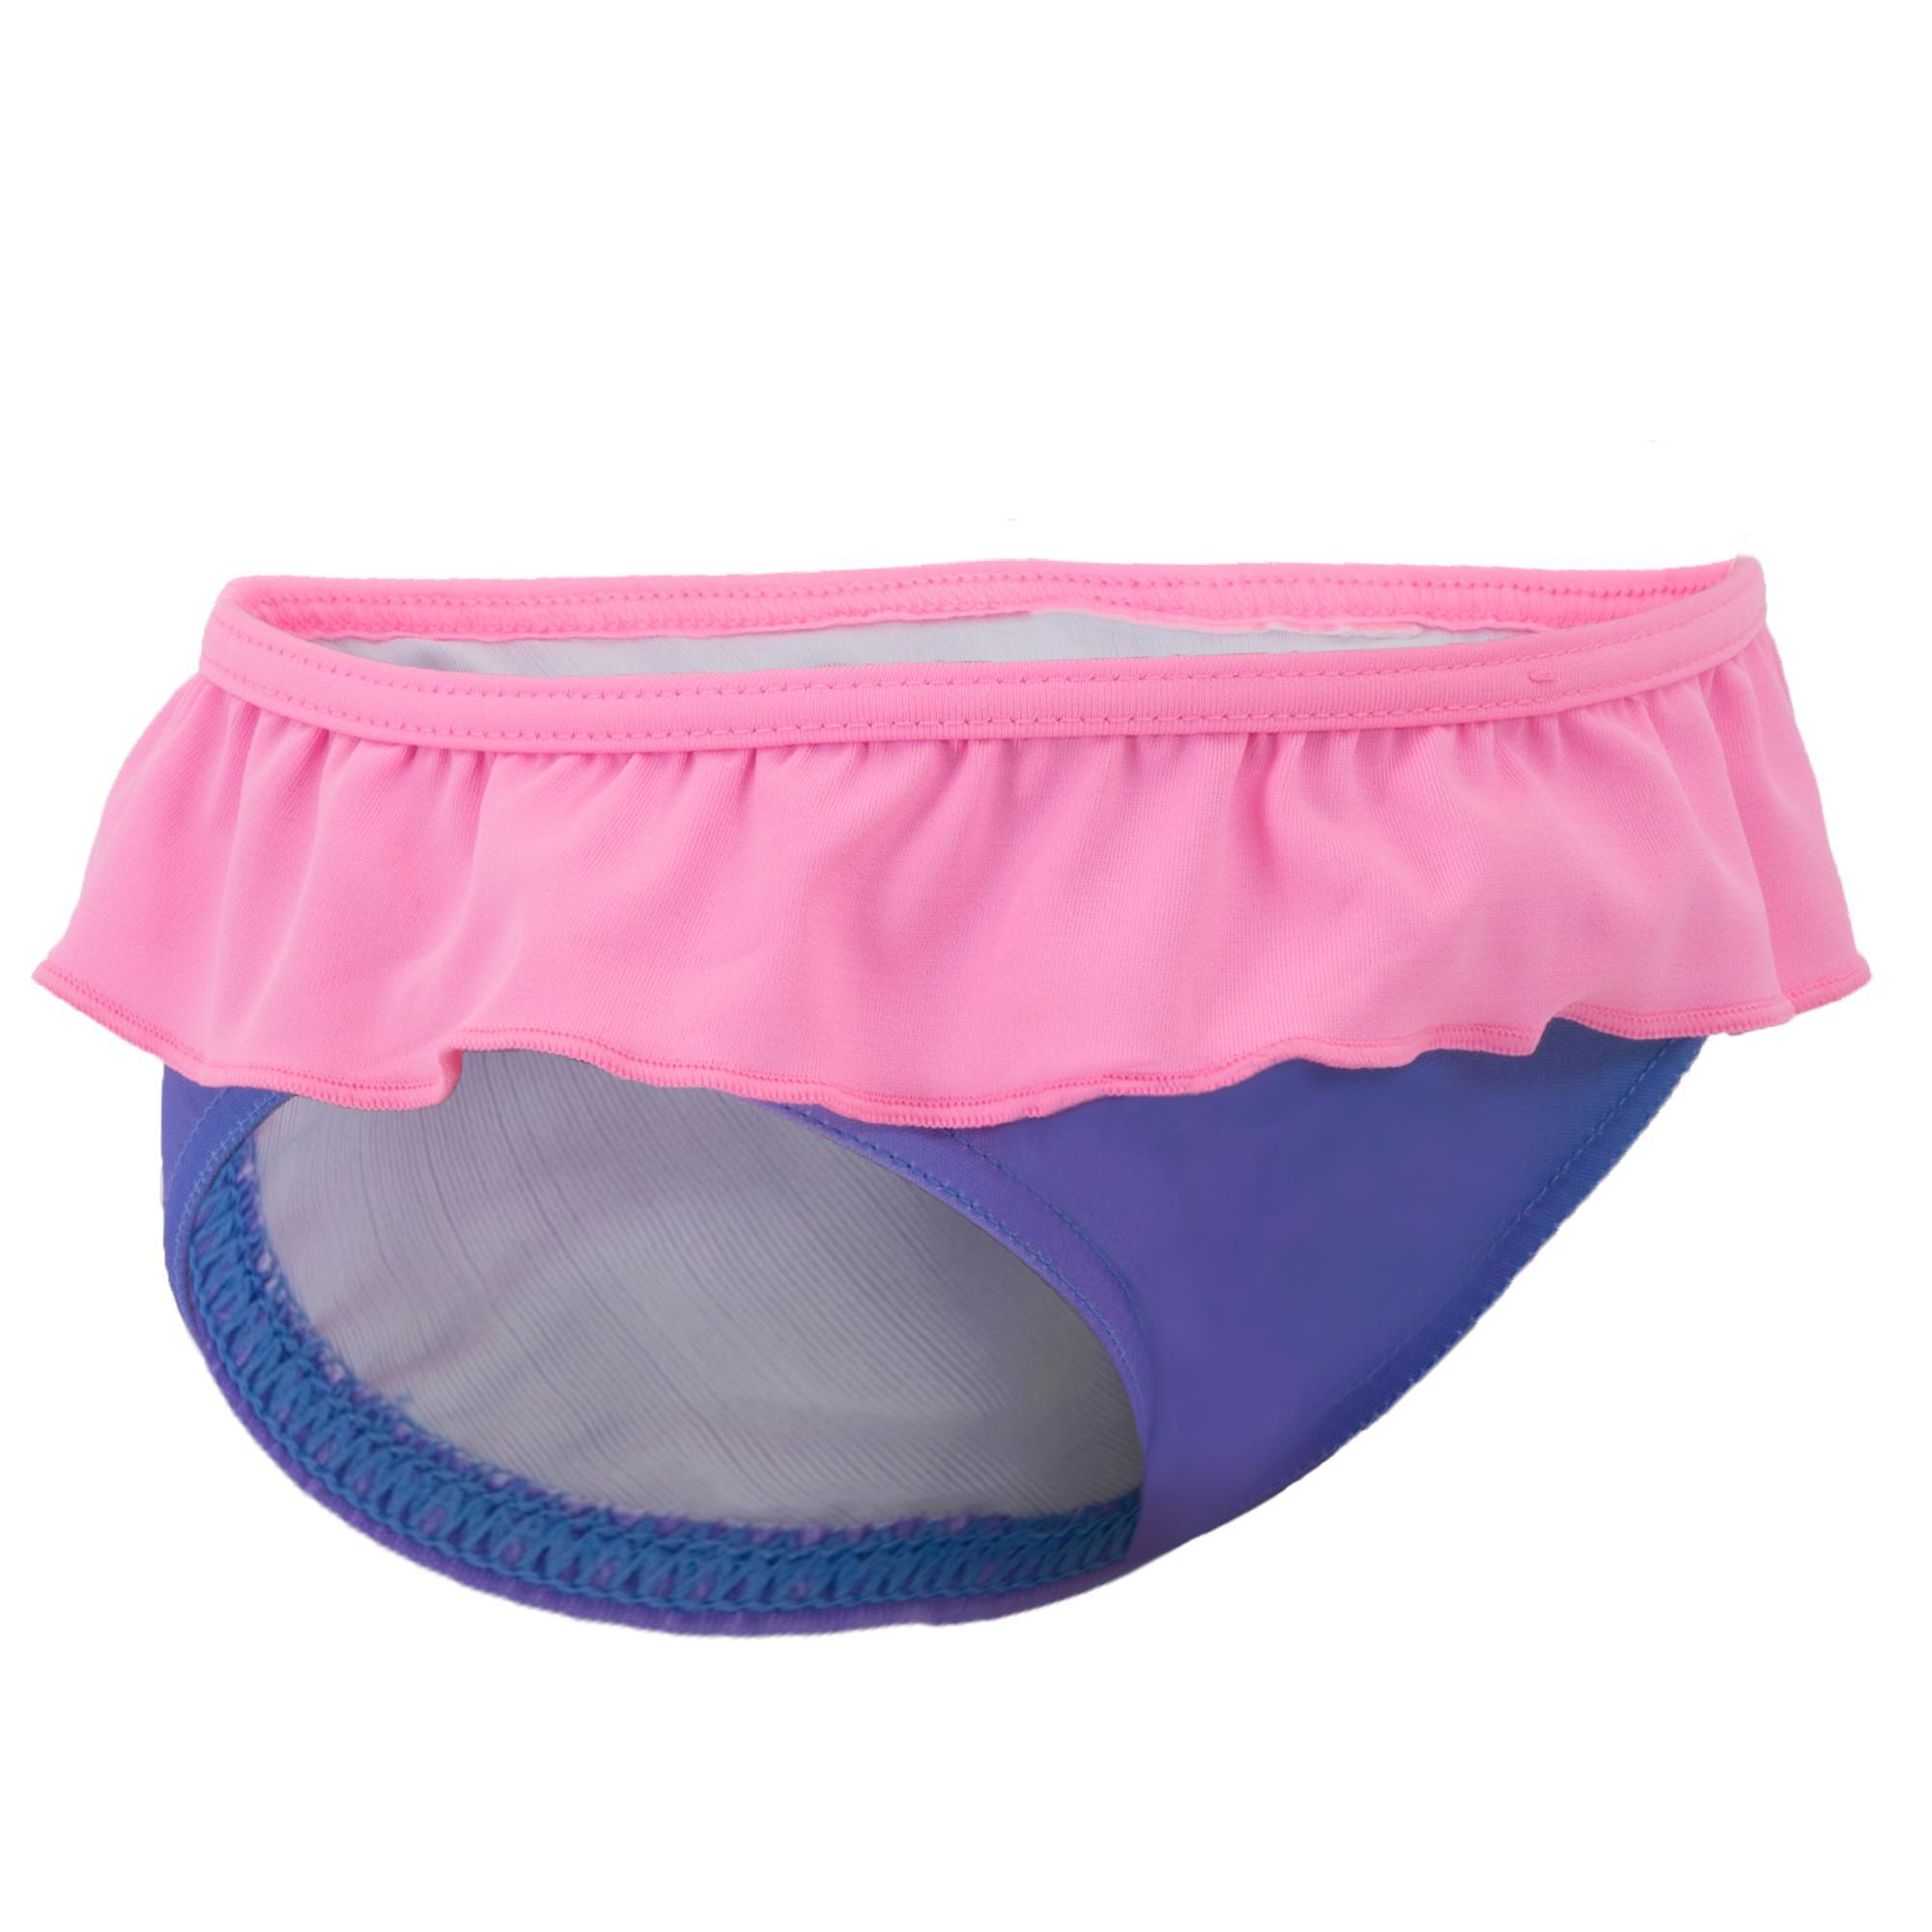 Nabaiji Zwembroekje voor meisjes met print roze en blauw